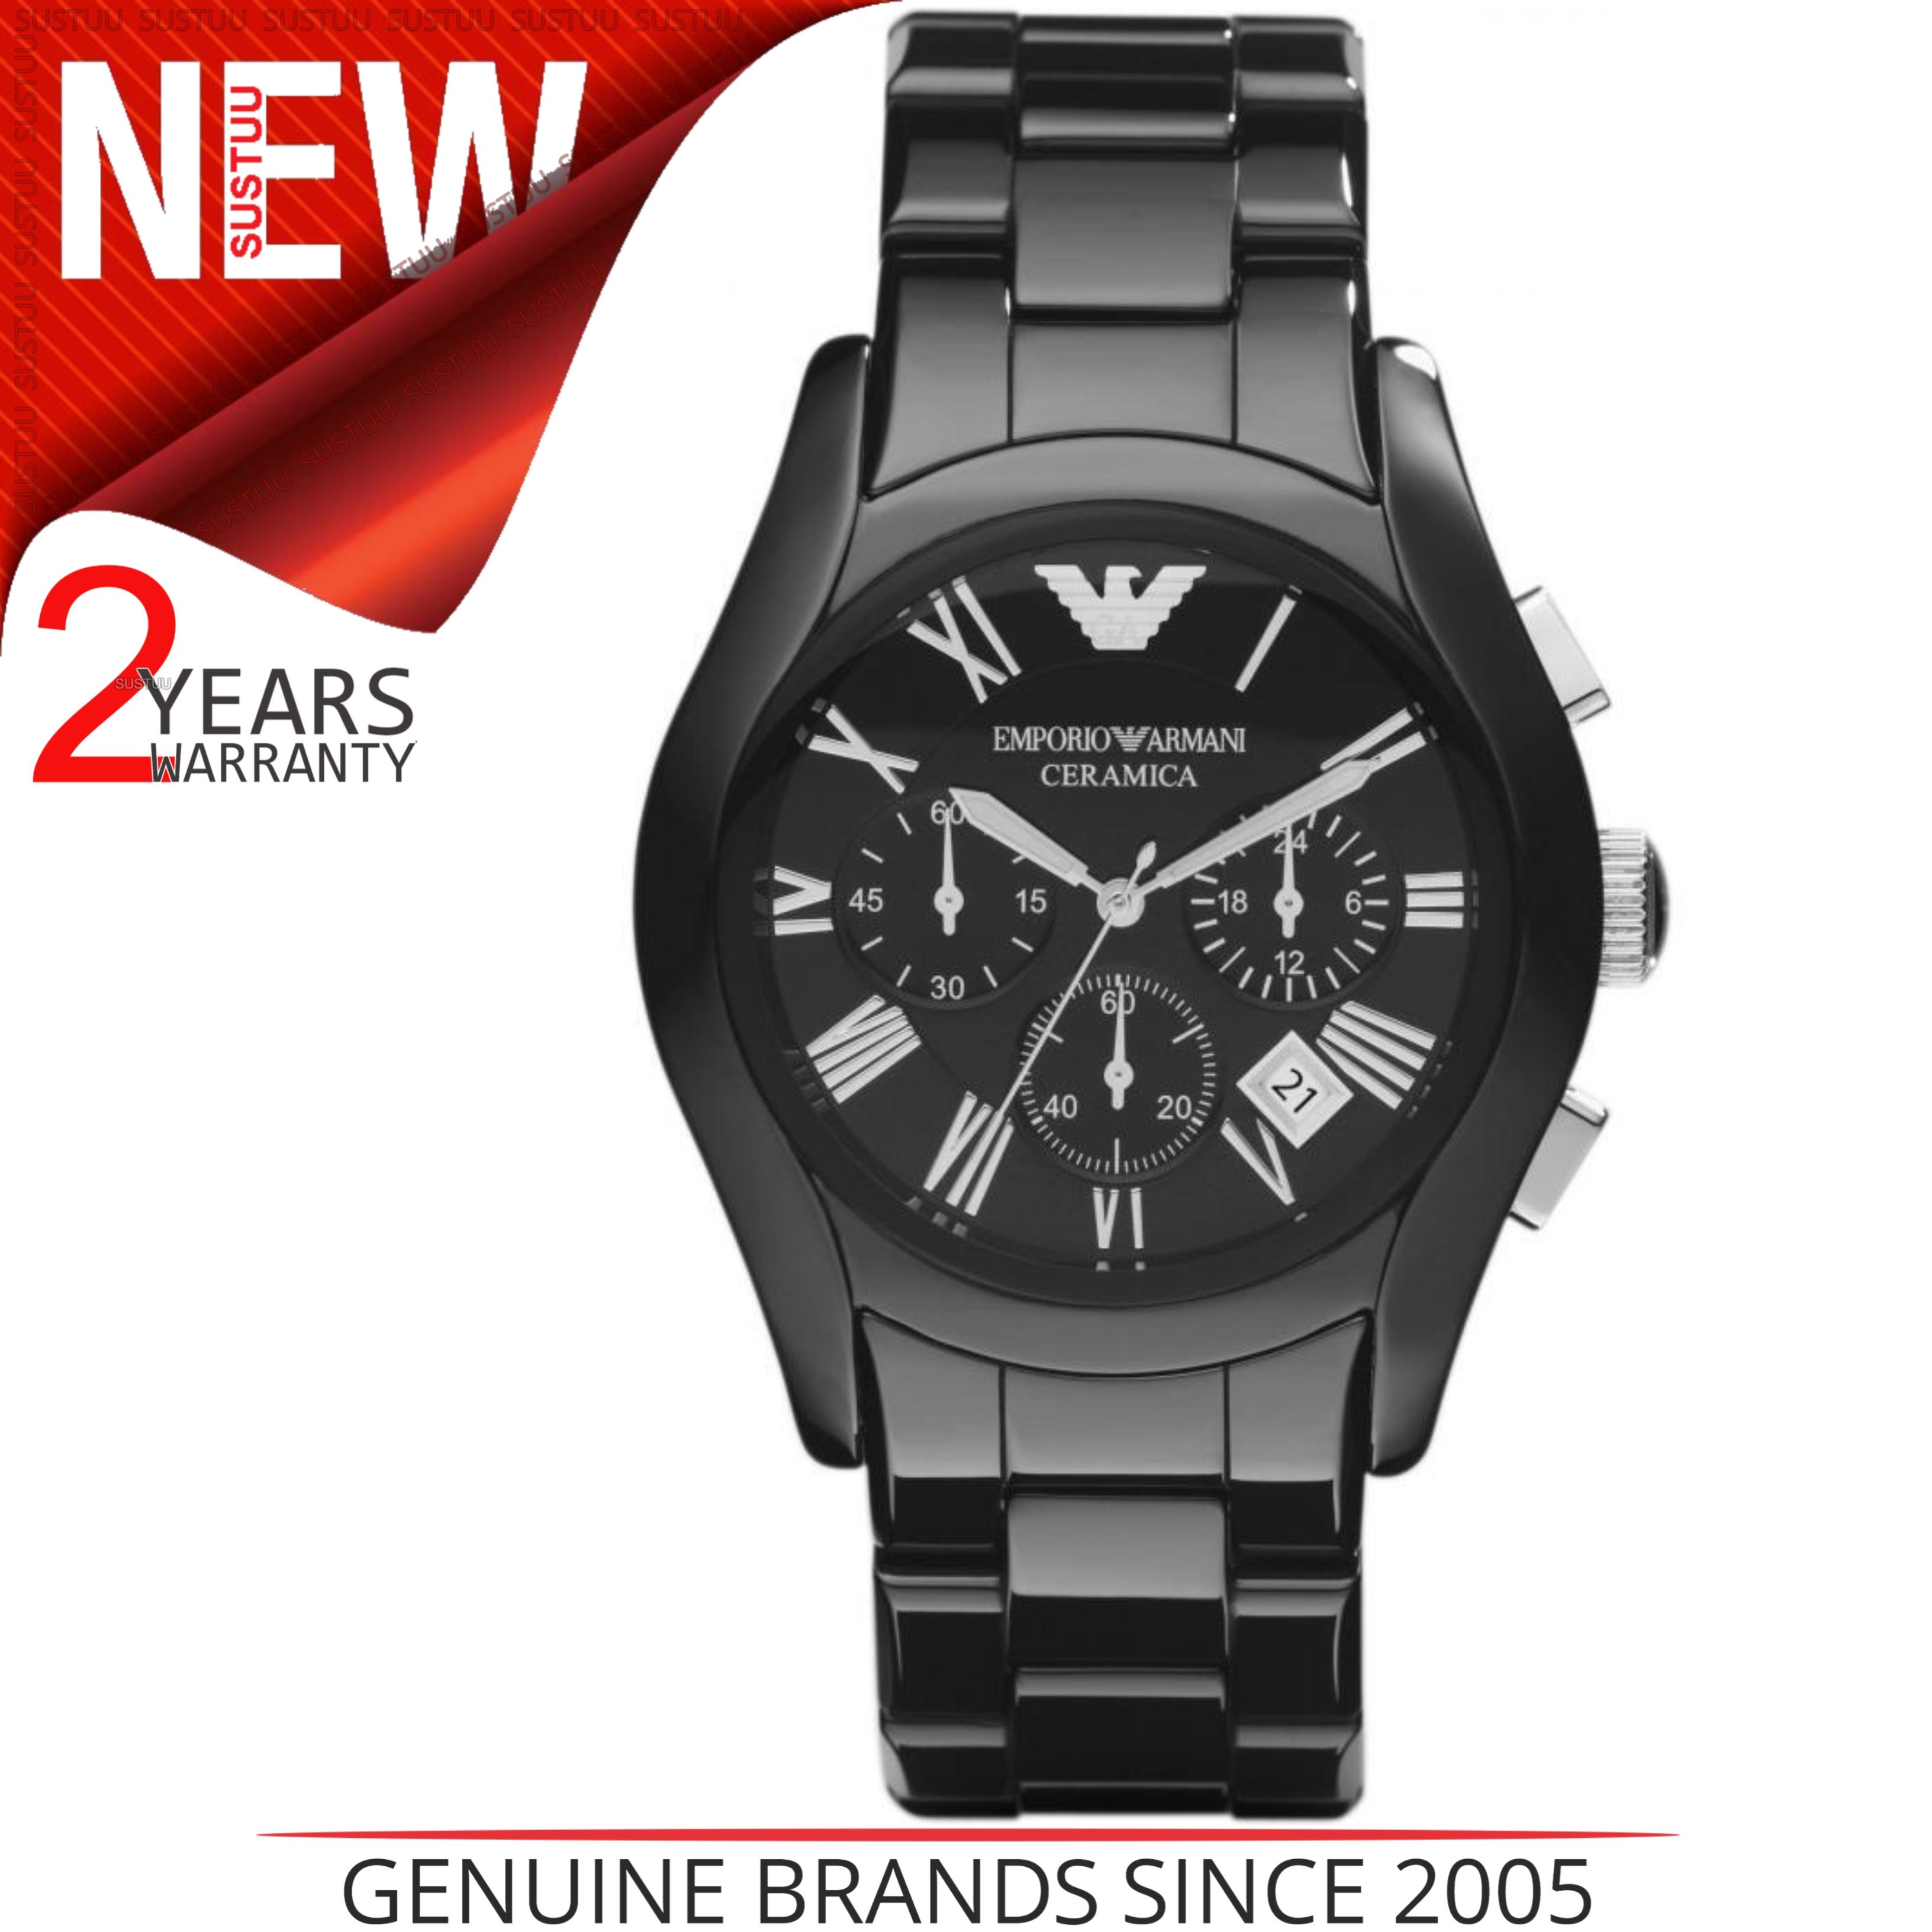 Emporio Armani Ceramica Men's Valente Black Dial Chrono Designer Watch AR1400